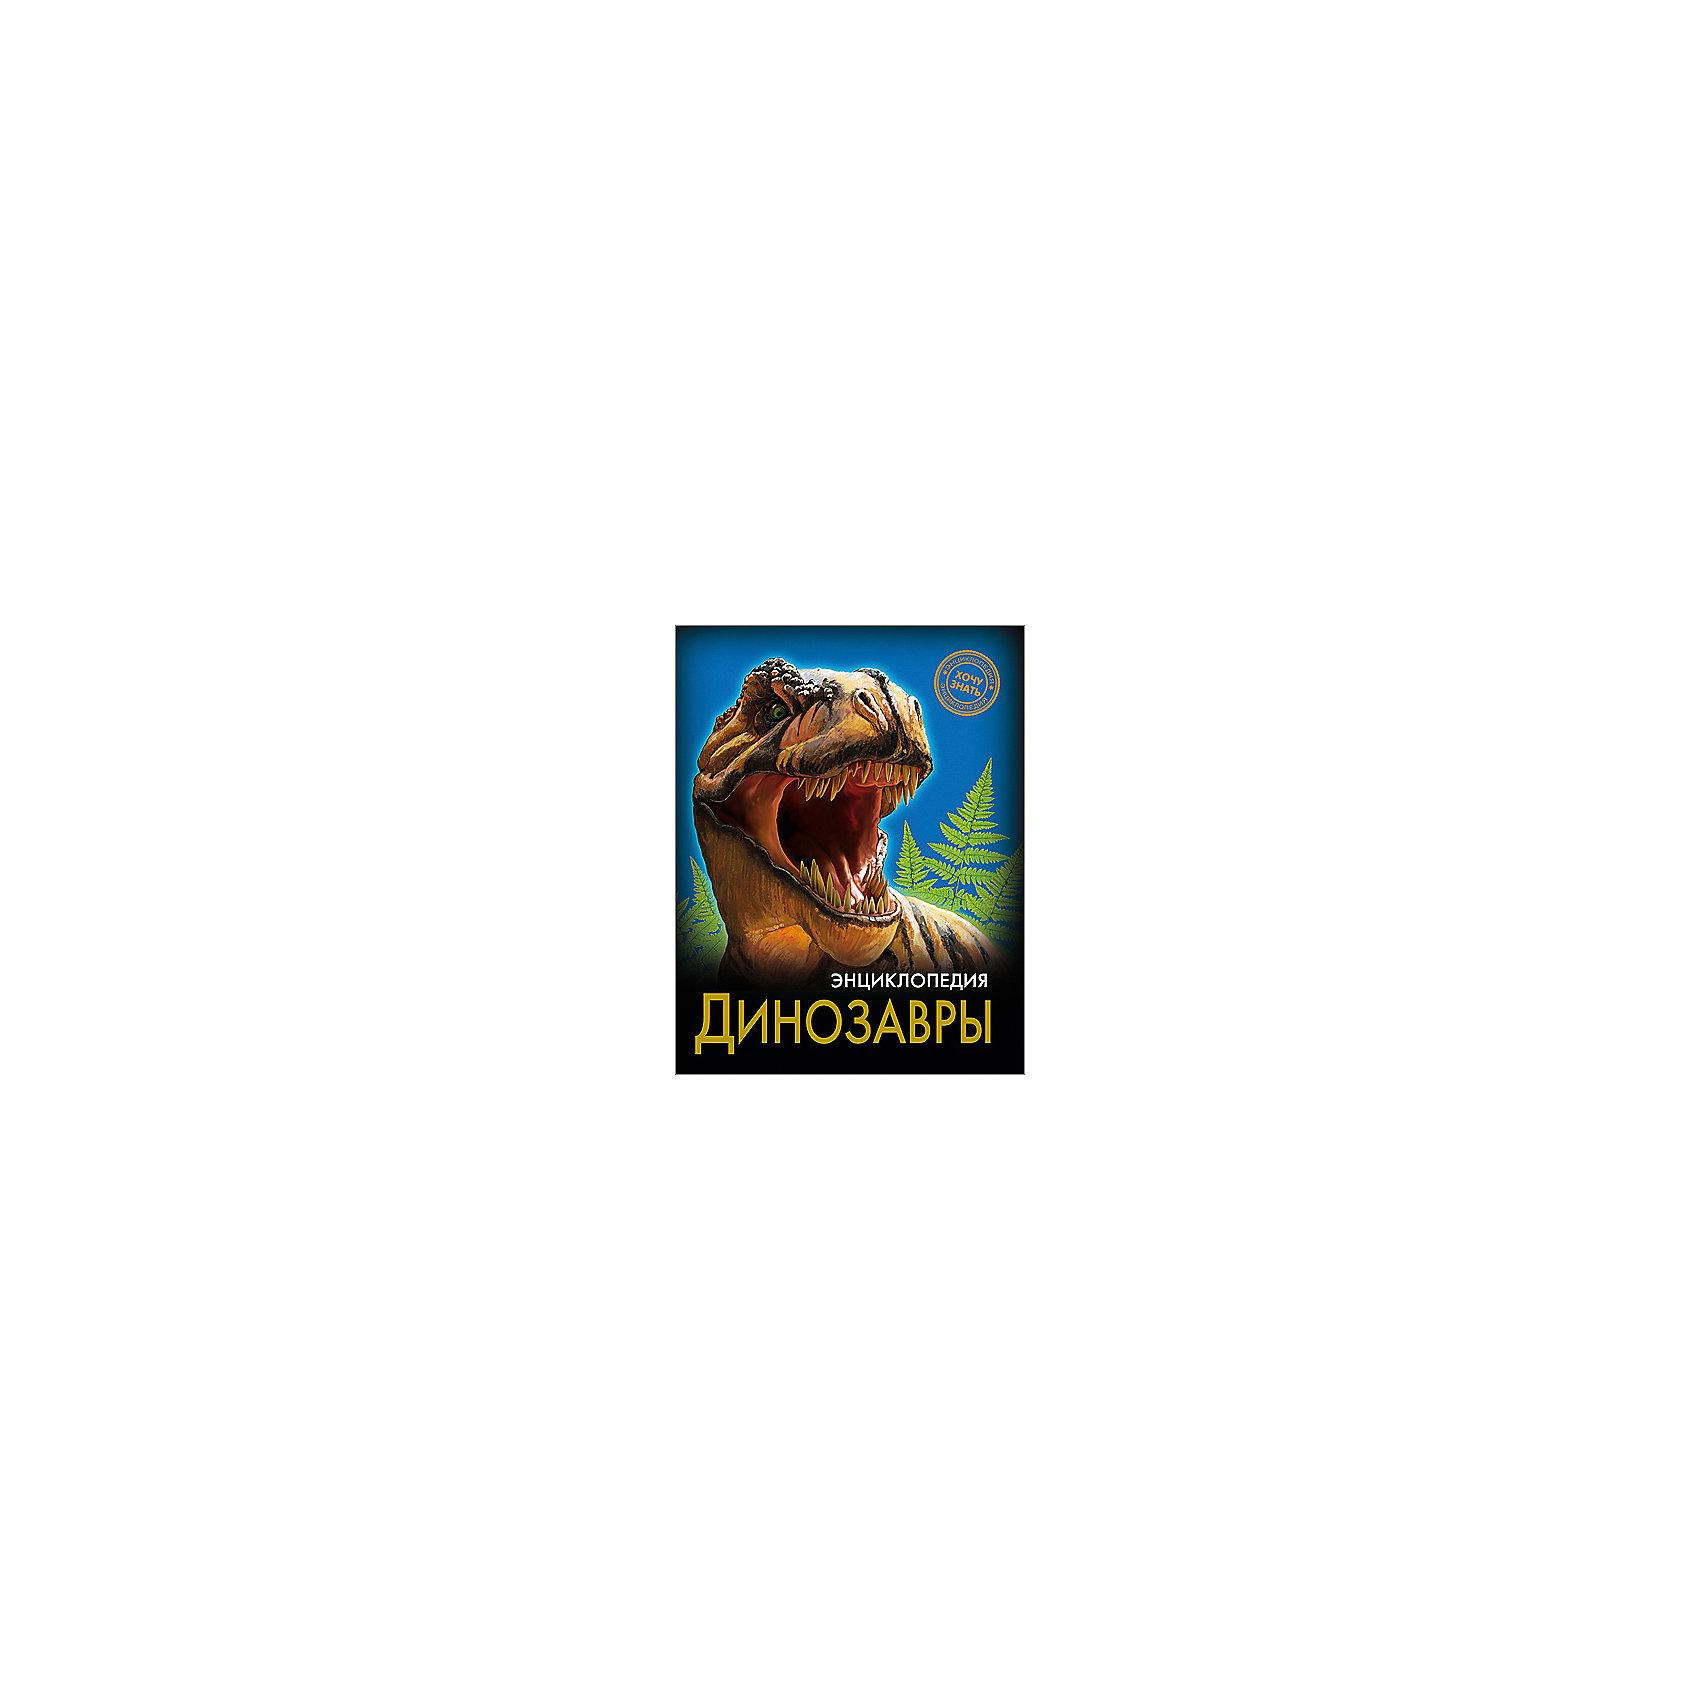 Энциклопедия ДинозаврыЭнциклопедии про динозавров<br>Эта энциклопедия познакомит ребенка с загадочными доисторическими ящерами - динозаврами! В этом издании вы найдете множество интересных и увлекательных тем и фактов, изложенных простым, понятным для детей языком, дополненных яркими иллюстрациями. Энциклопедия в твердой красочной обложке станет прекрасным подарком на любой праздник и обязательно заинтересует ребенка, поможет расширить кругозор и увеличить словарный запас. <br><br>Дополнительная информация:<br><br>- Автор: Астапенко Ирина.<br>- Художник: Смирнов Дмитрий.<br>- Формат: 21,6х17 см.<br>- Переплет: твердый, 7БЦ.<br>- Количество страниц: 96.<br>- Иллюстрации: цветные.<br>- Содержание: Введение. Общая характеристика динозавров. Динозавры триасового периода Динозавры юрского периода. Динозавры мелового периода. Заключение.<br><br>Энциклопедию Динозавры можно купить в нашем магазине.<br><br>Ширина мм: 170<br>Глубина мм: 5<br>Высота мм: 215<br>Вес г: 310<br>Возраст от месяцев: 72<br>Возраст до месяцев: 2147483647<br>Пол: Унисекс<br>Возраст: Детский<br>SKU: 4756232